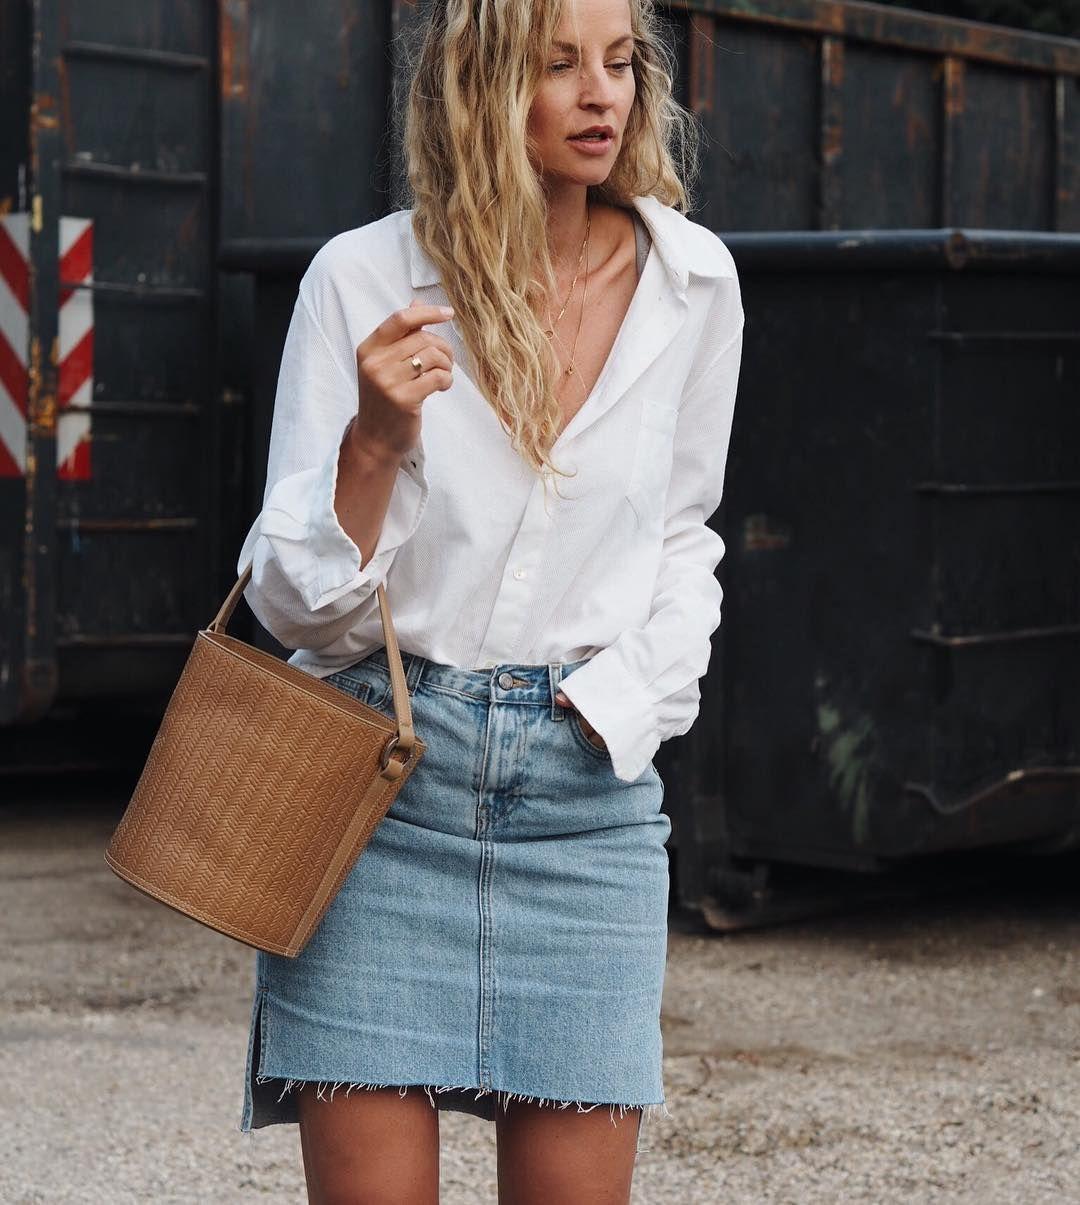 chọn áo sơmi trắng và chân váy jean